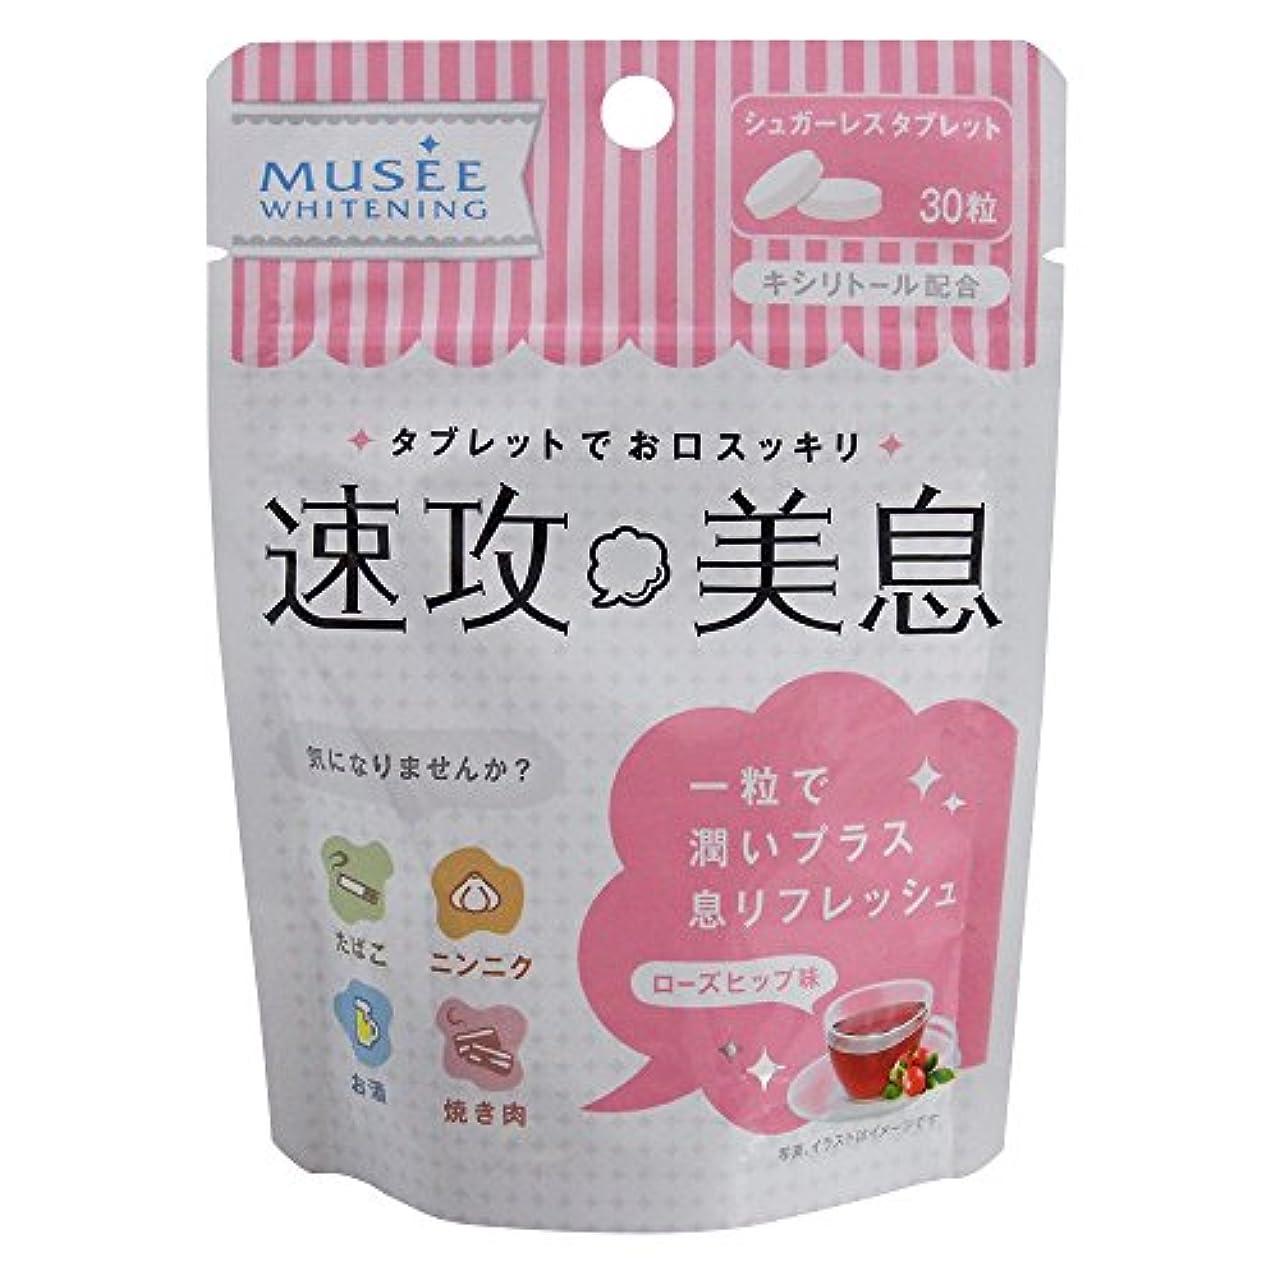 口実銅パッケージミュゼ 速攻美息 ローズヒップ味 (30粒)